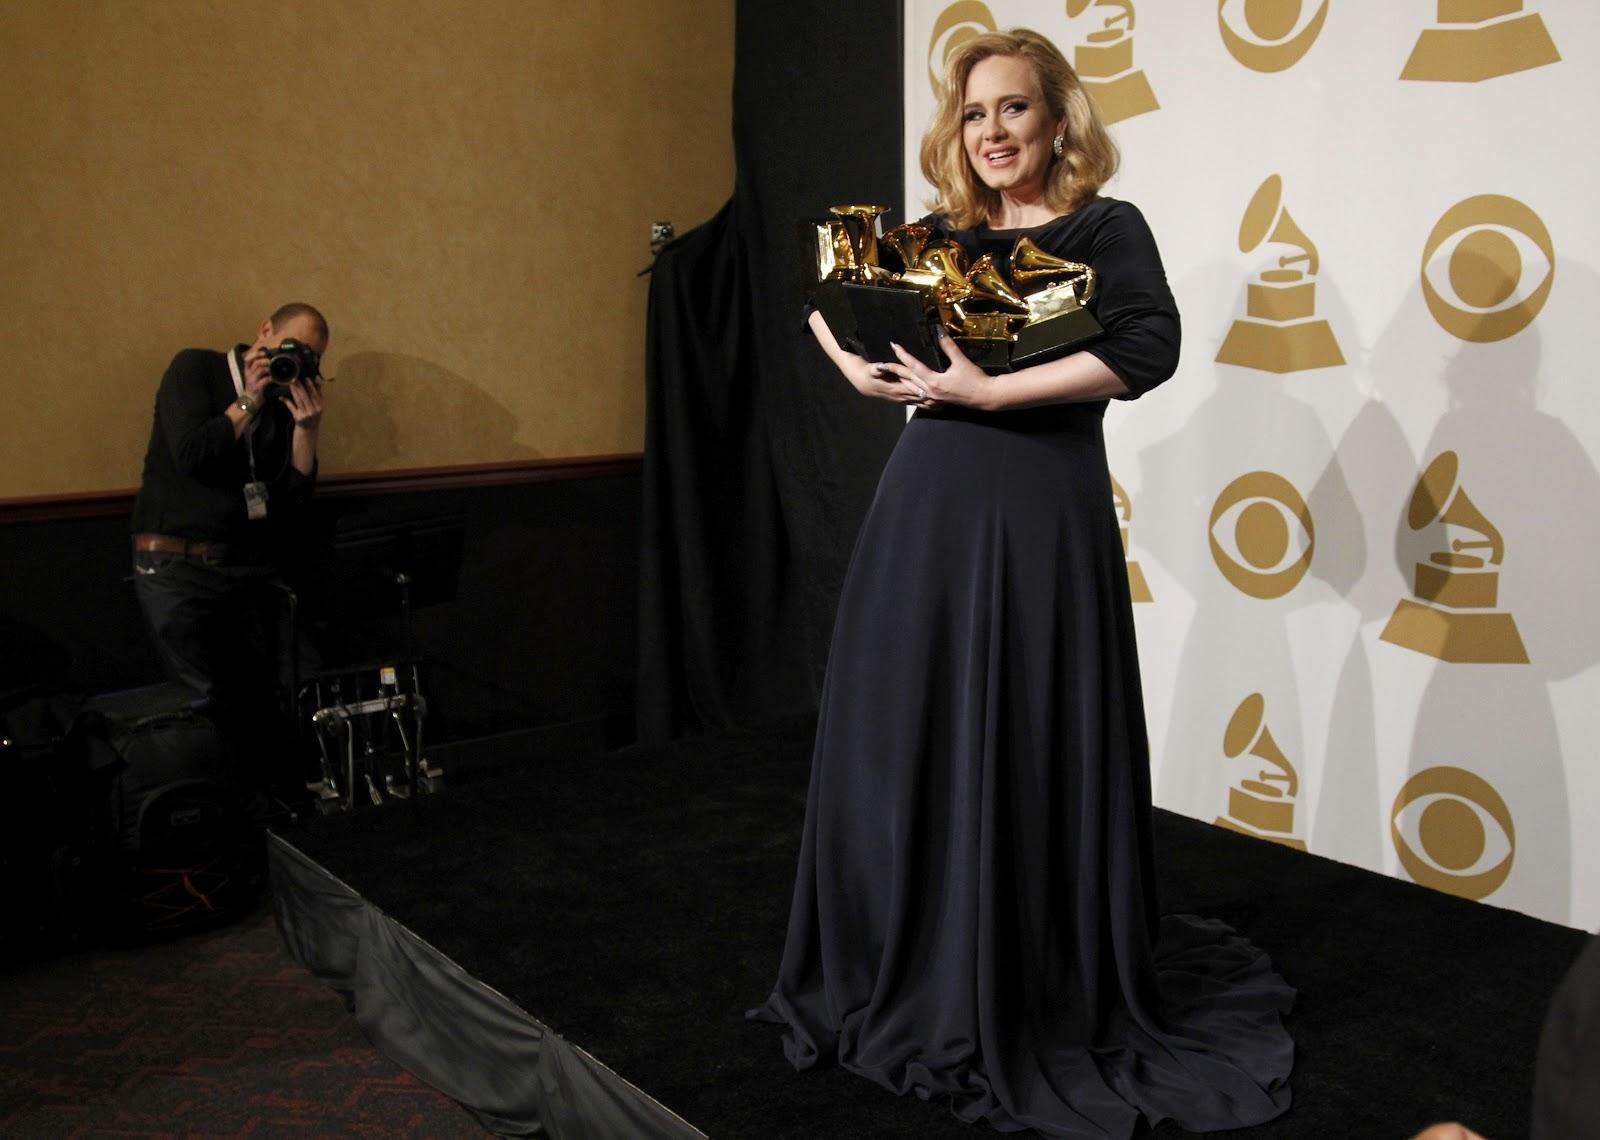 http://2.bp.blogspot.com/-JqT-fsGH6NQ/TzkHlcjFMuI/AAAAAAAADog/kvFeqadECd4/s1600/54th-annual-grammy-awards-celebutopia-cd0212201242.jpg